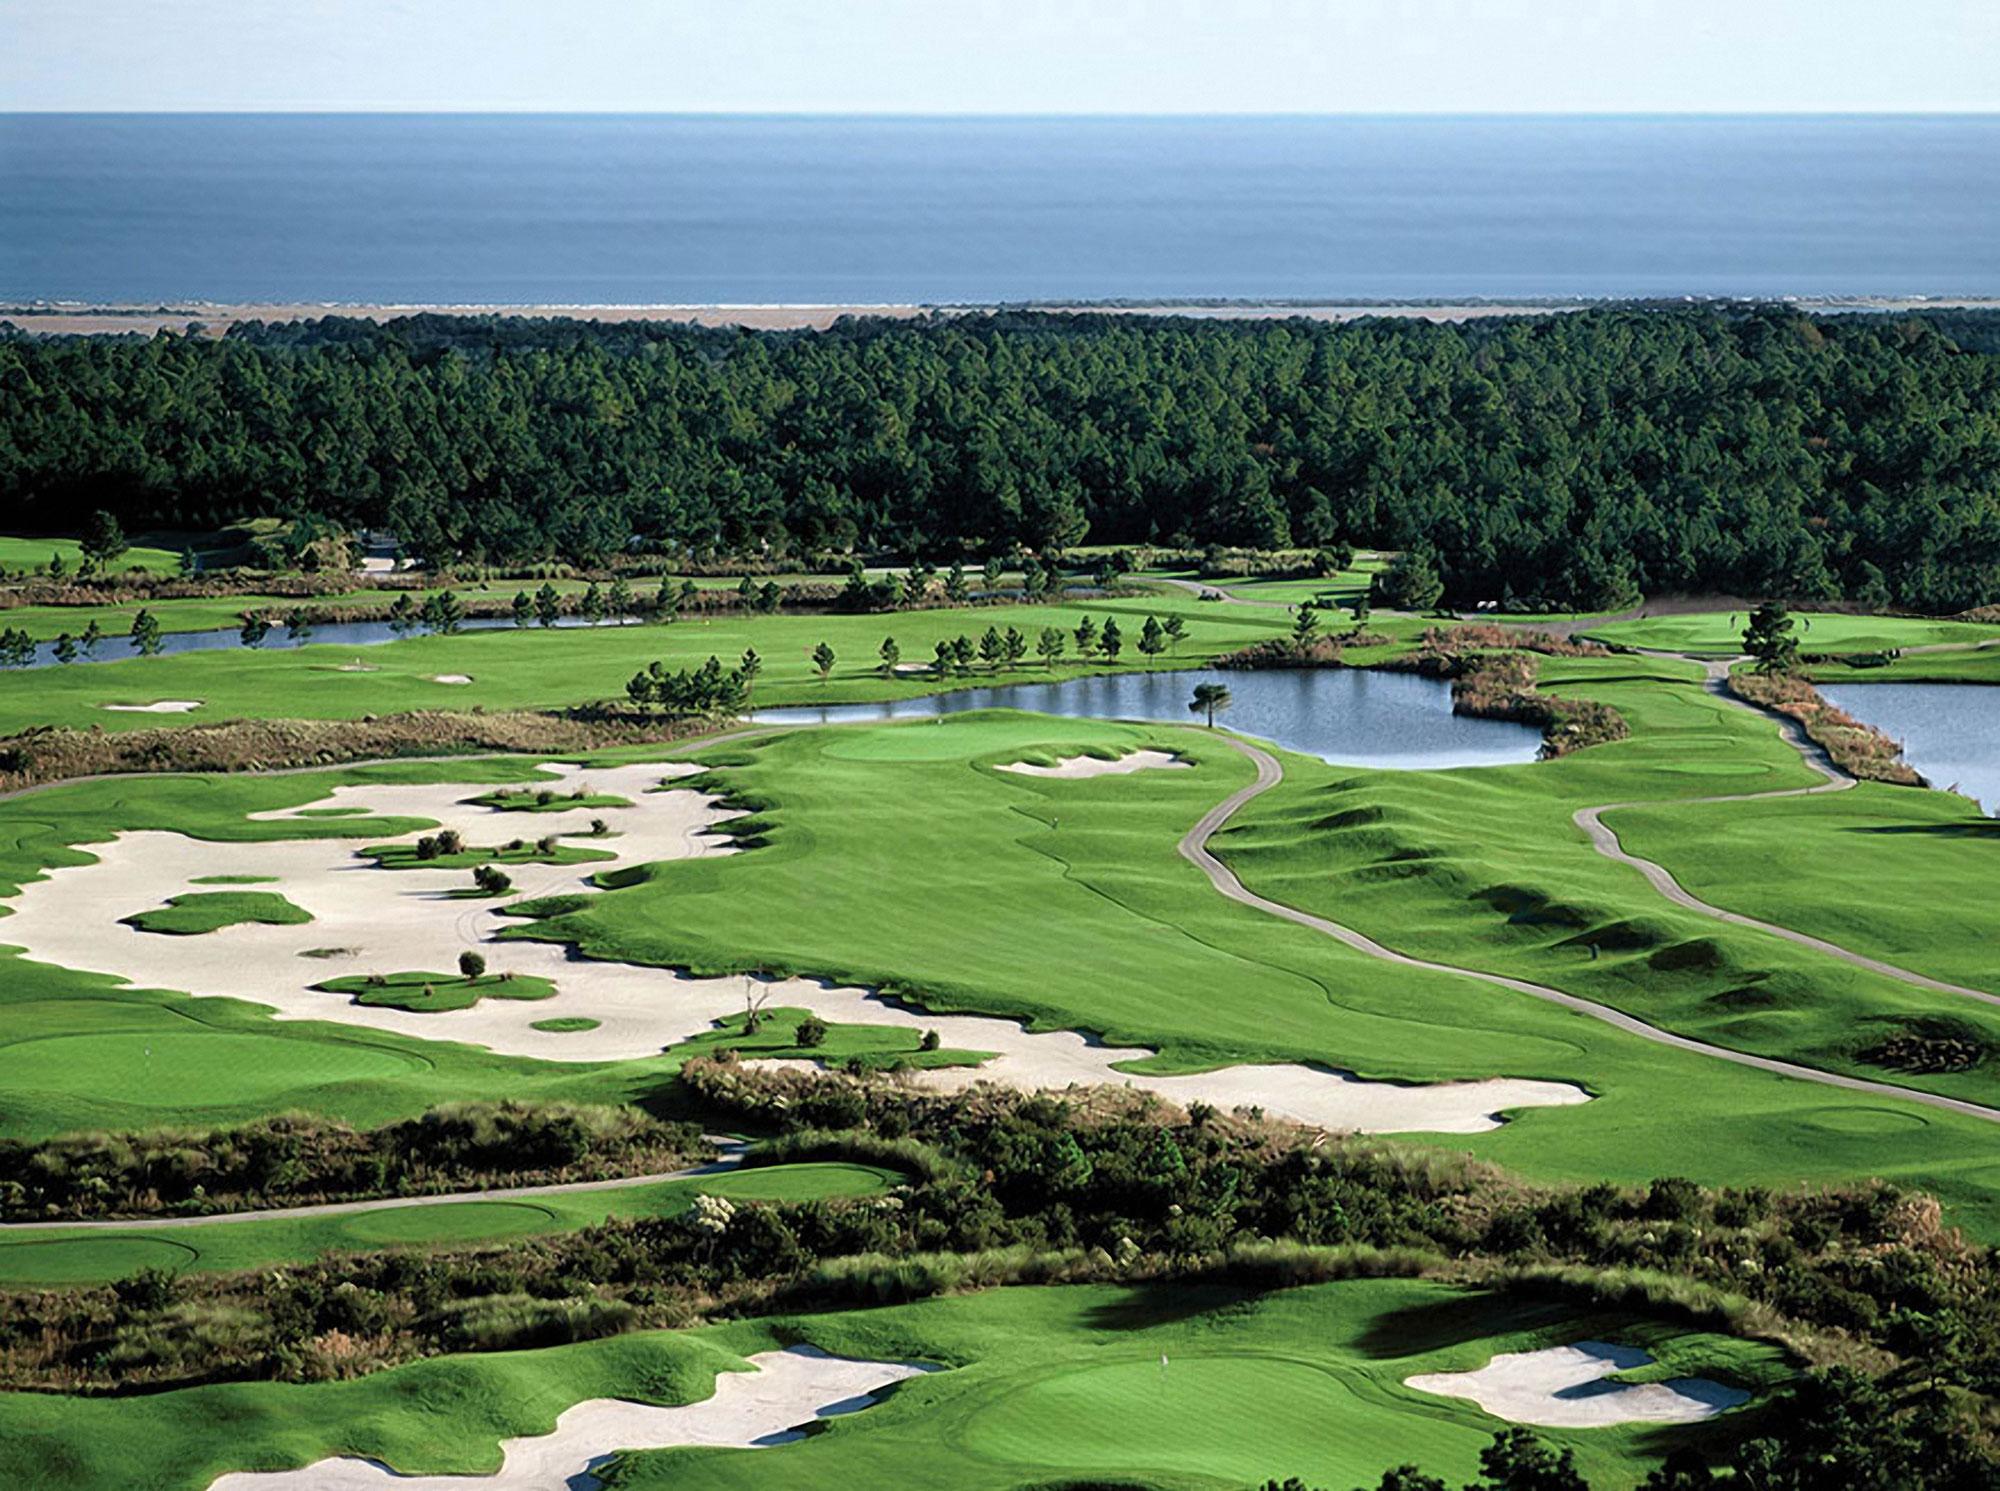 Have wild myrtle beach amateur golf yeah! irl